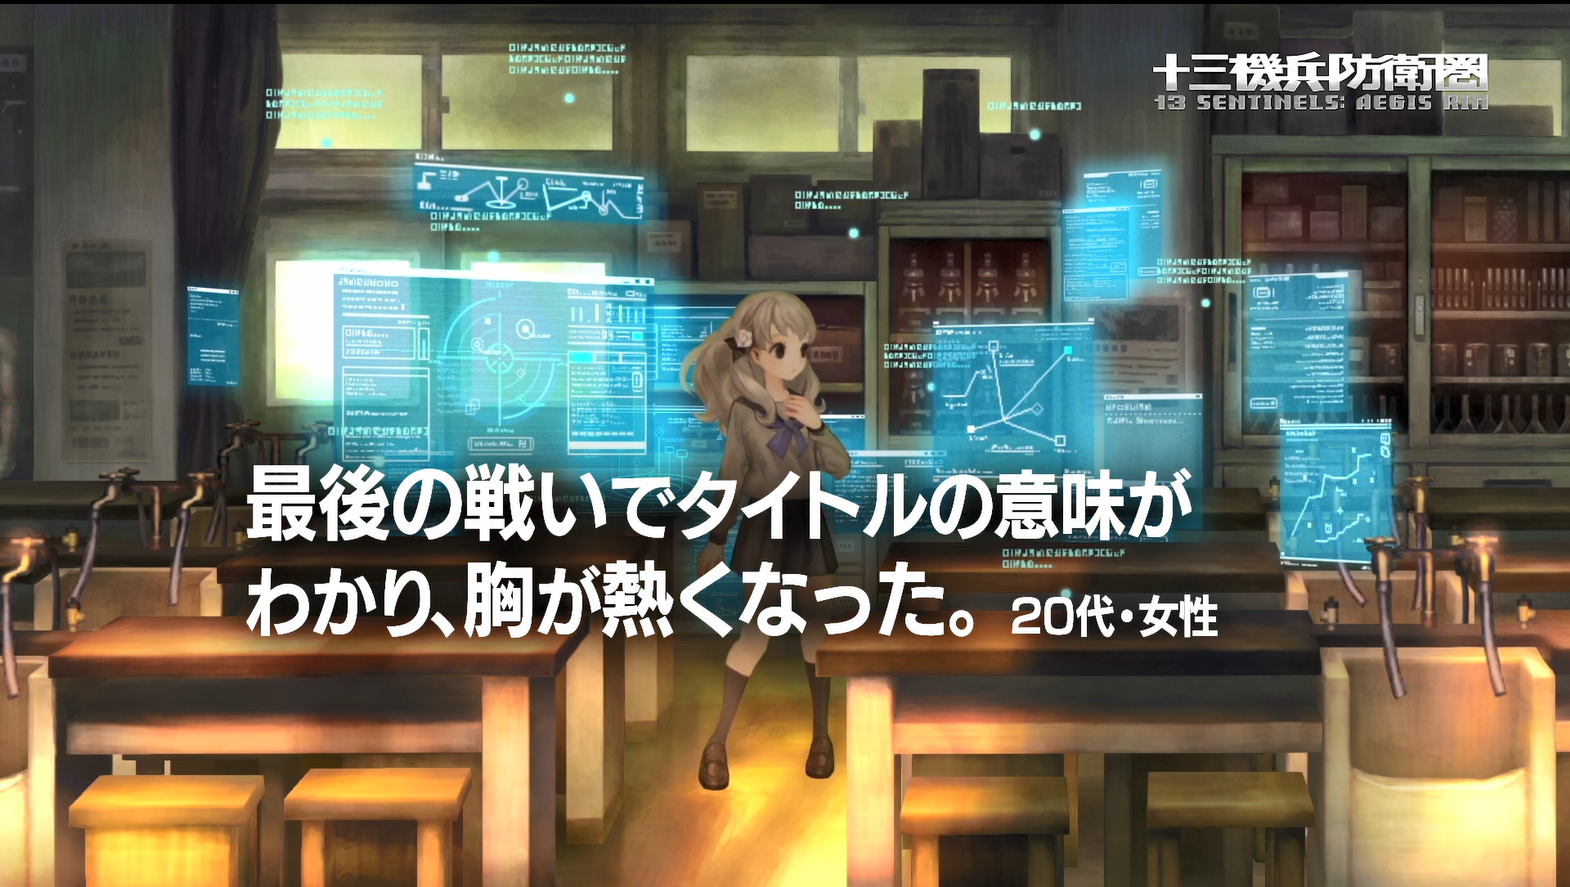 《十三机兵防卫圈》发布赞誉宣传片:玩家好评率99%!